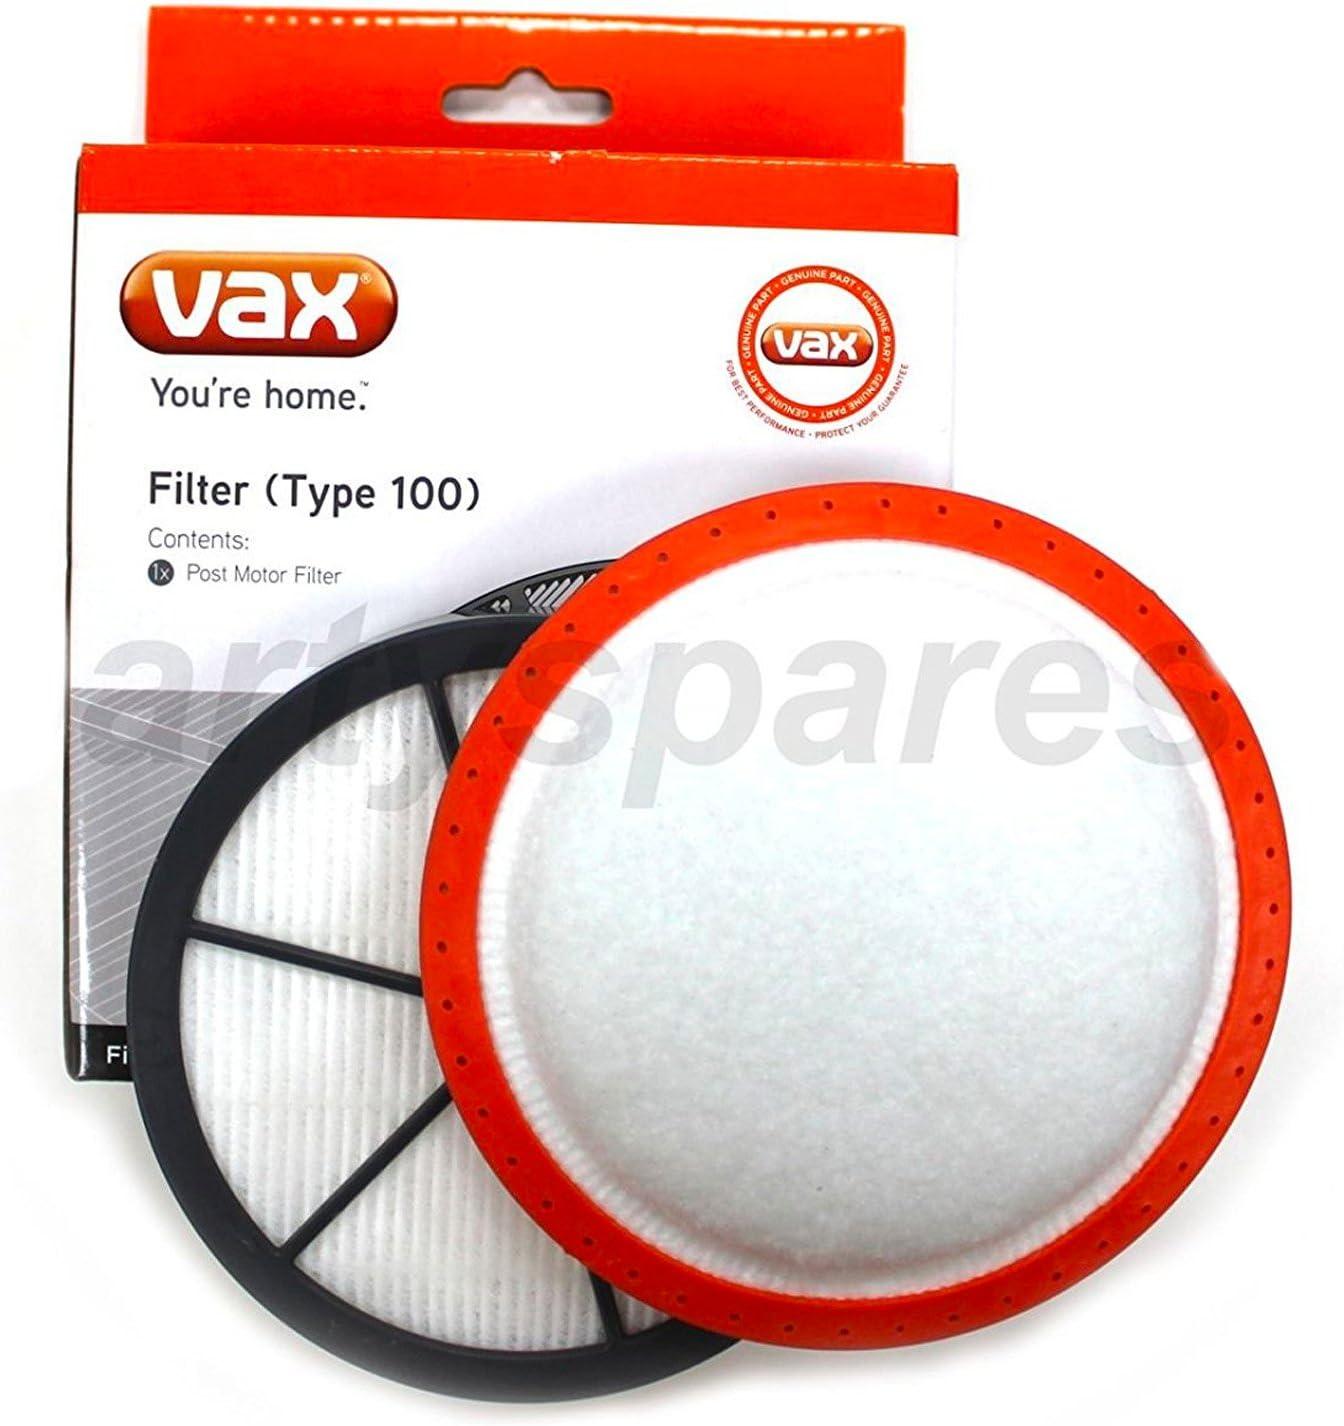 VAX Vacuum Cleaner Type 100 Post Motor Filter AIR 3 AGILE U87-AA-BE